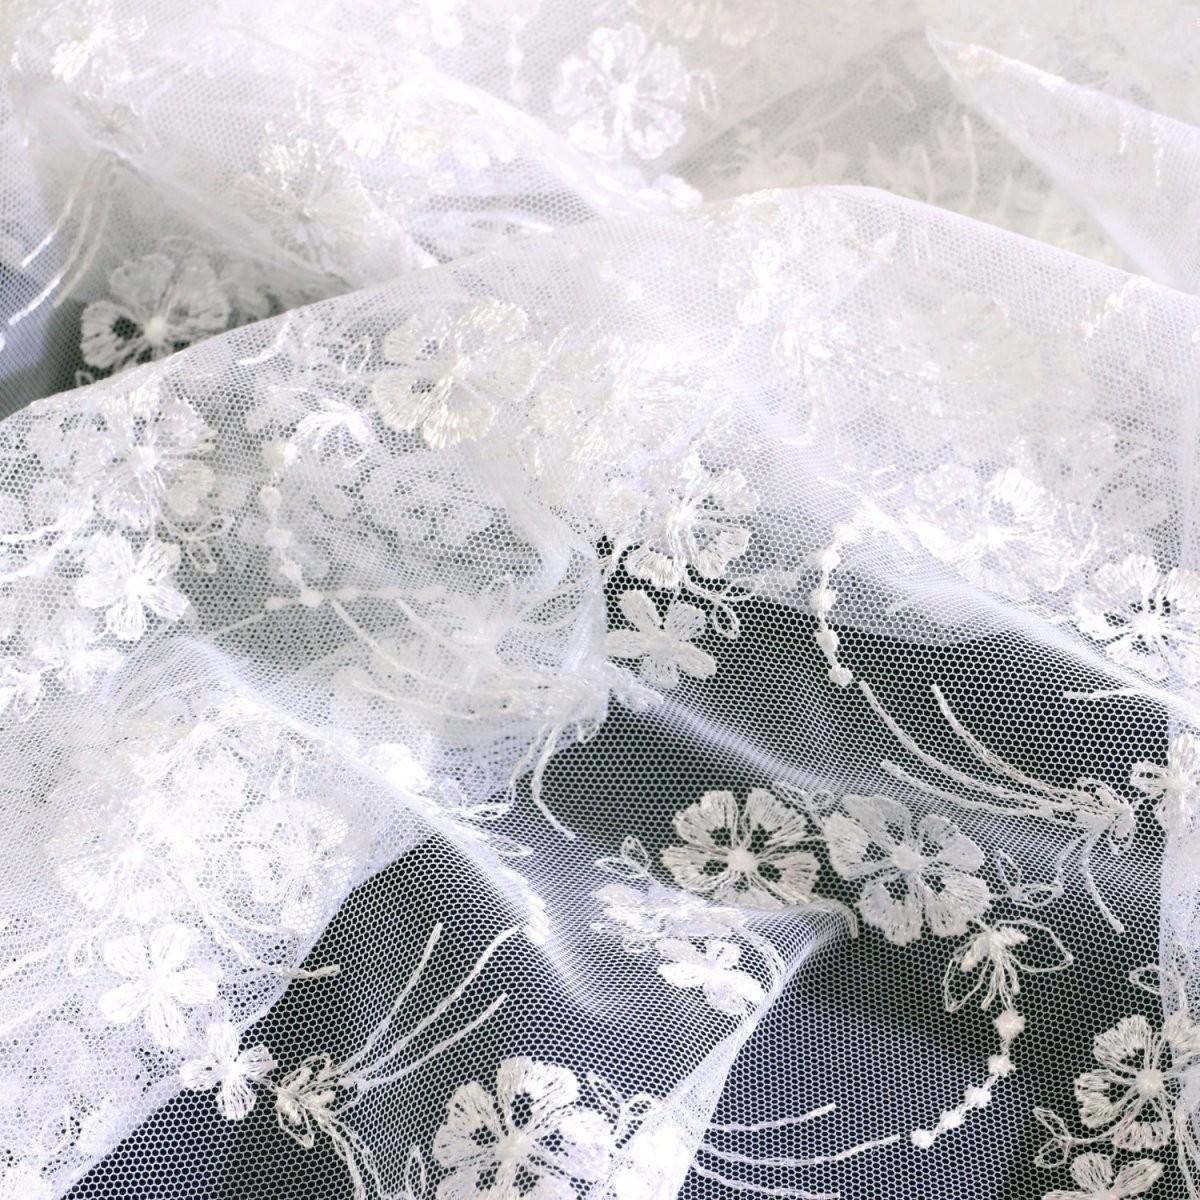 Spitze  Tüllallover T02 In Weiß 70 Cm Breit  Jetzt Kaufen von Gardinen 70 Cm Breit Bild